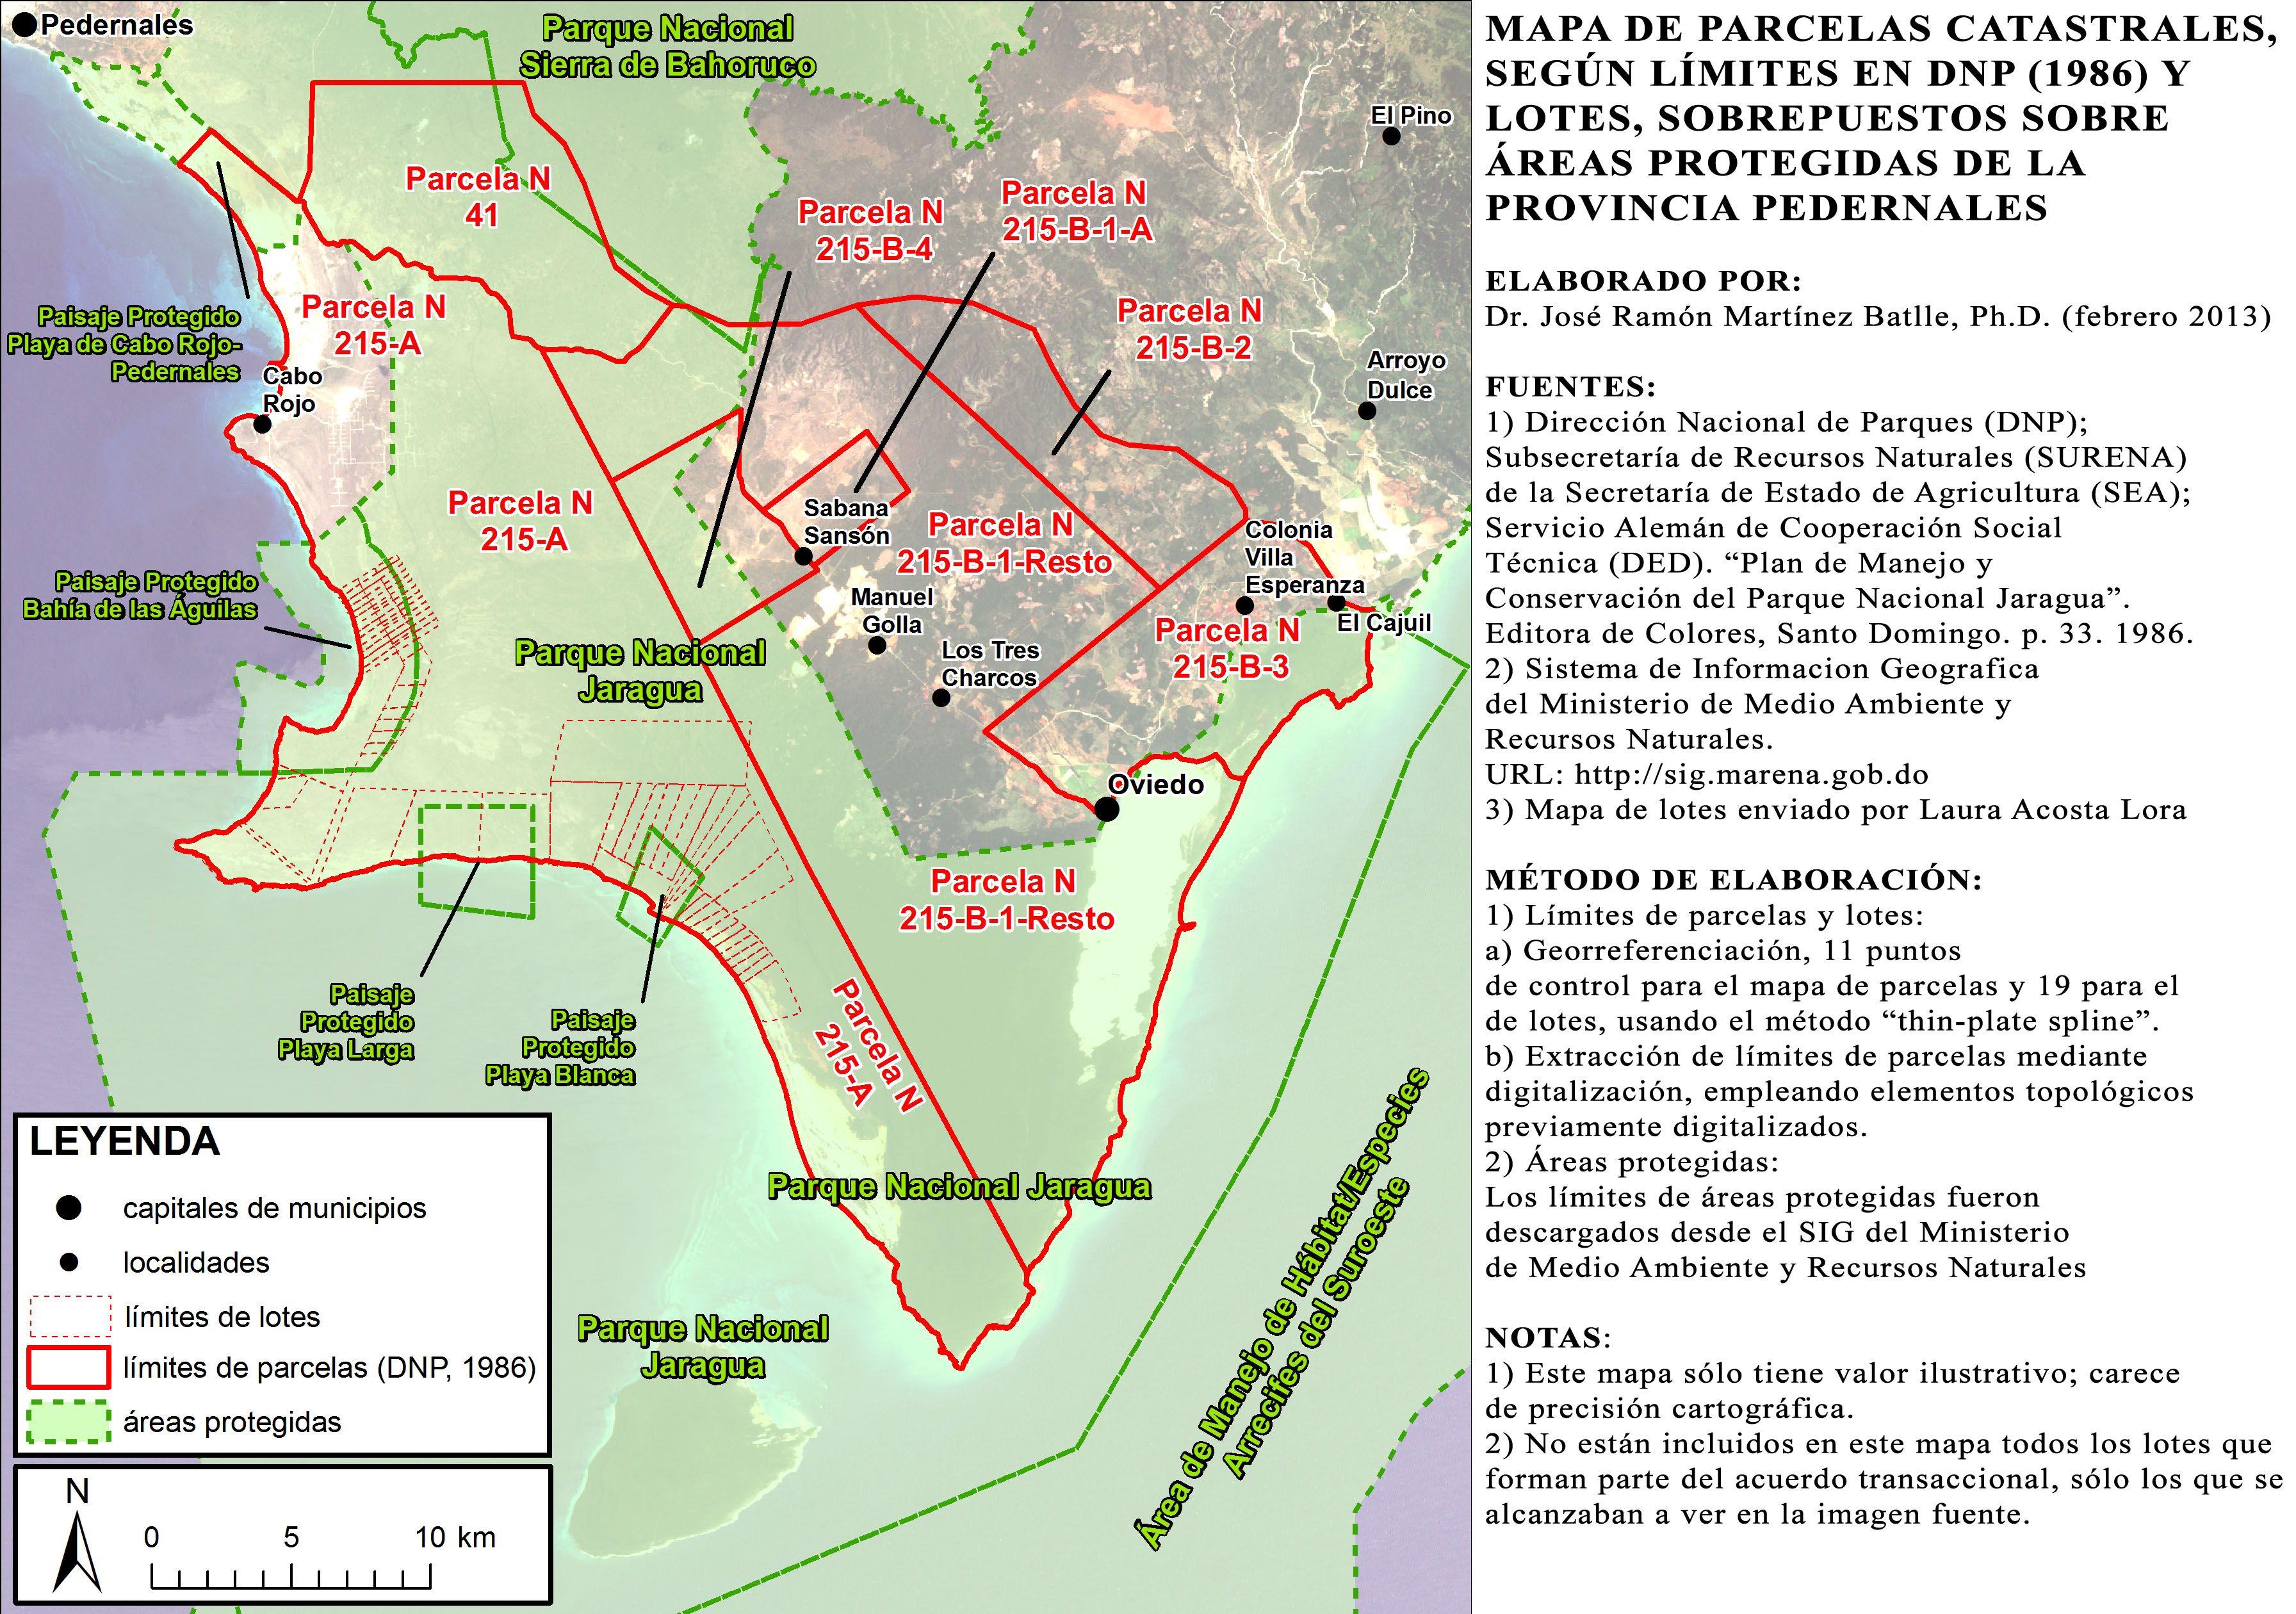 Mapa de parcelas catastrales, según límites en DNP (1986), mostrando lotes digitializados a partir de imagen enviada por Laura Acosta Lora; no están incluidos en este mapa todos los lotes que forman parte del acuerdo transaccional, sino sólo los que se alcanzaban a ver en la imagen fuente (hacer clic para una vista ampliada)